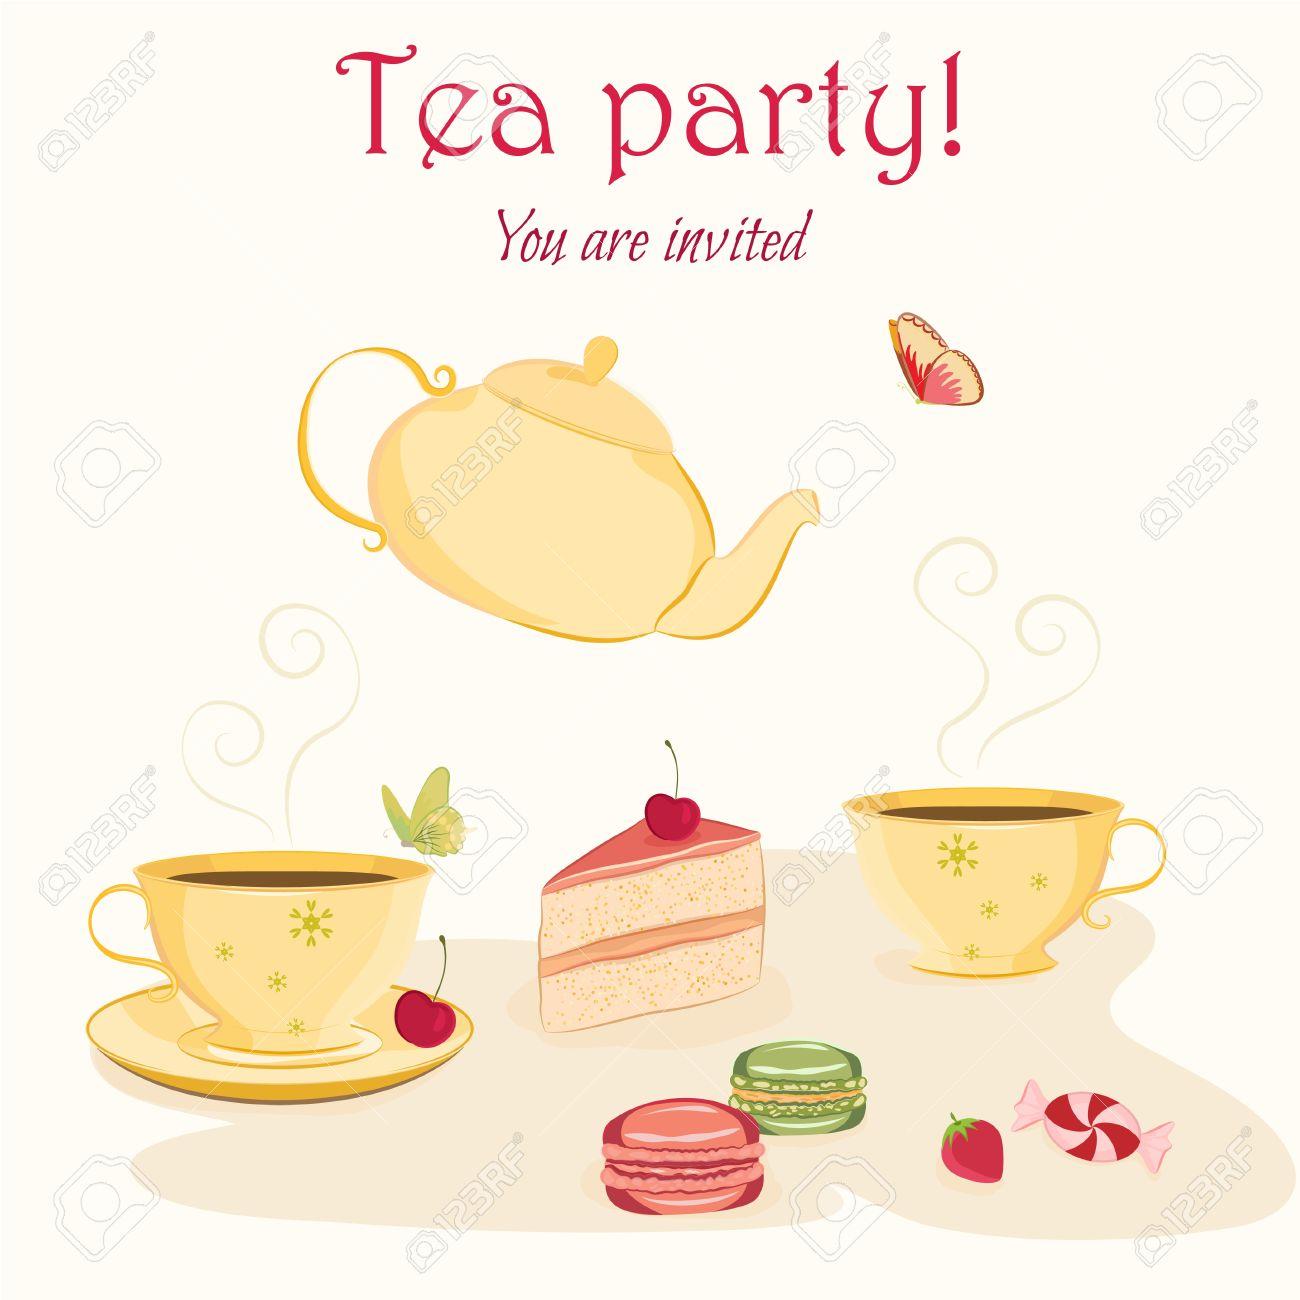 Nett Ideen Für Küche Tee Einladungen Zeitgenössisch - Ideen Für Die ...